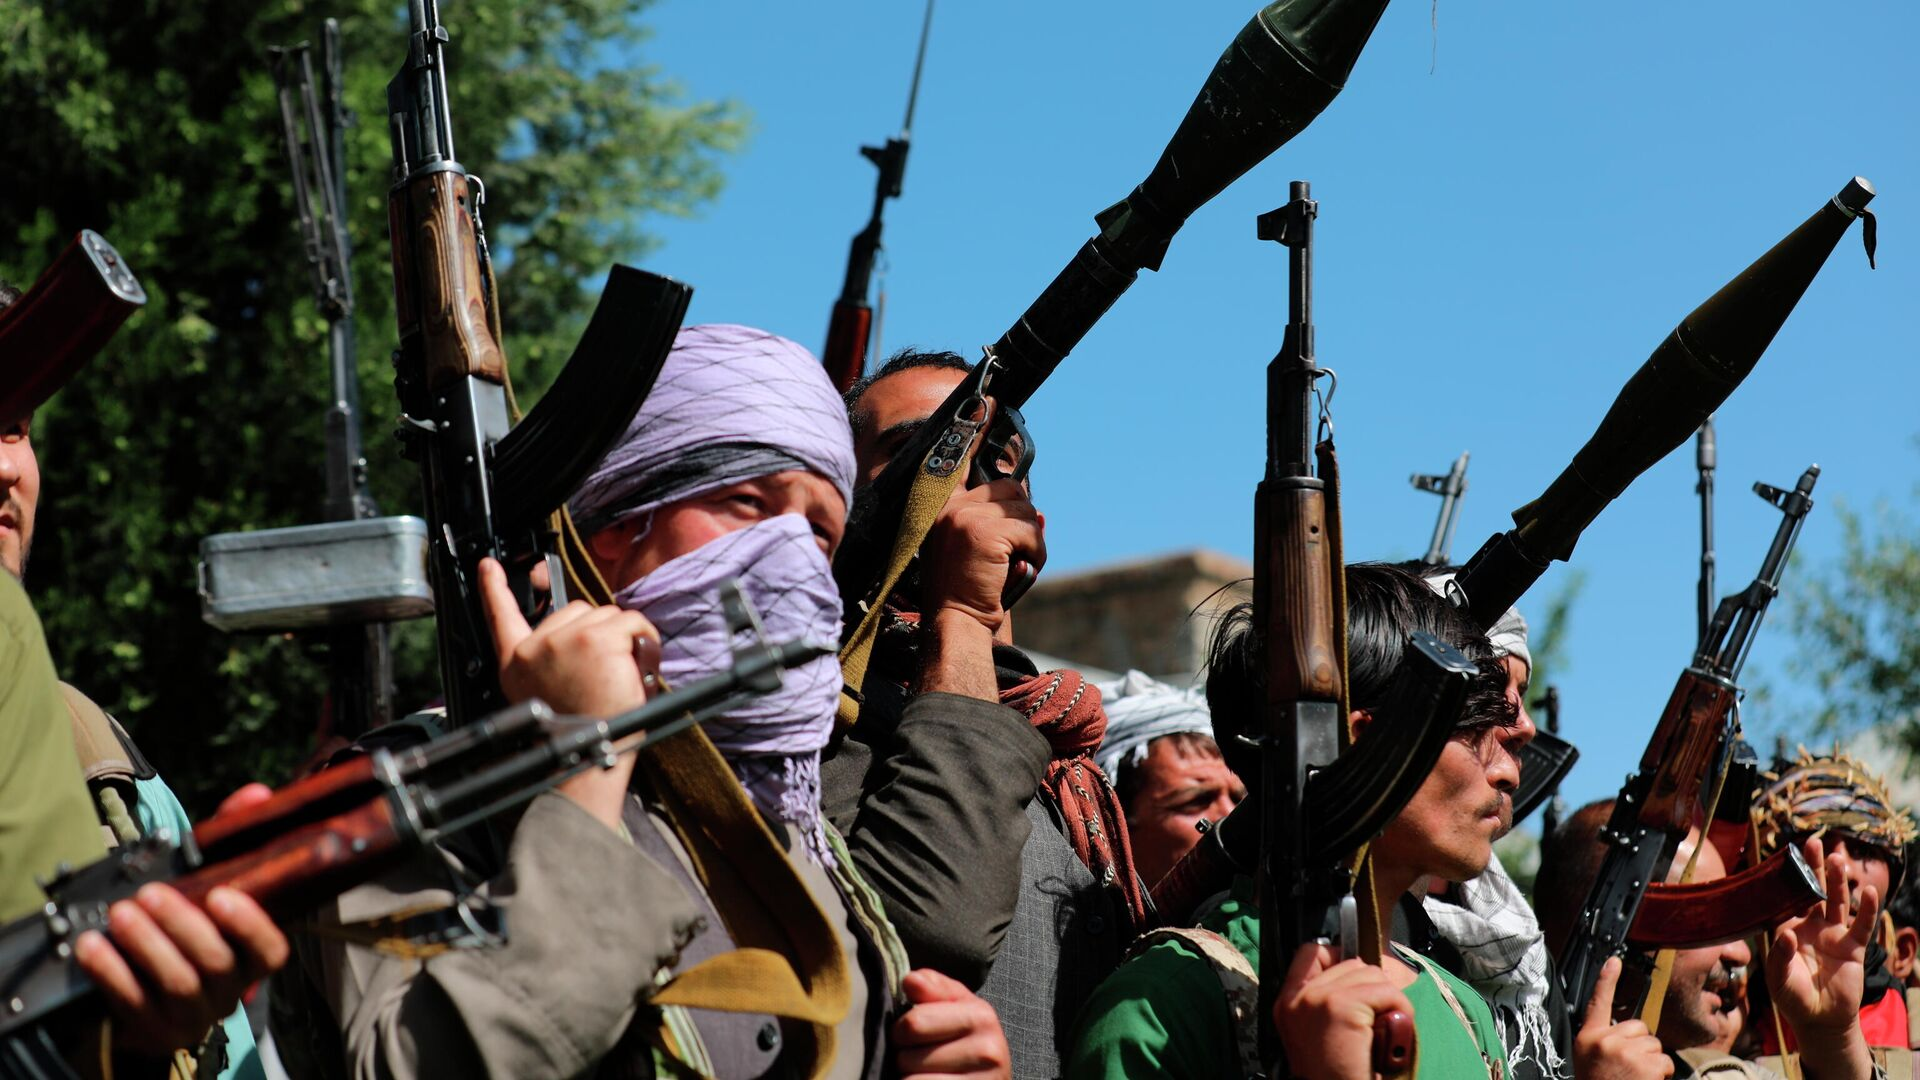 Афганские ополченцы присоединяются к силам обороны Афганистана в Кабуле - Sputnik Таджикистан, 1920, 14.07.2021